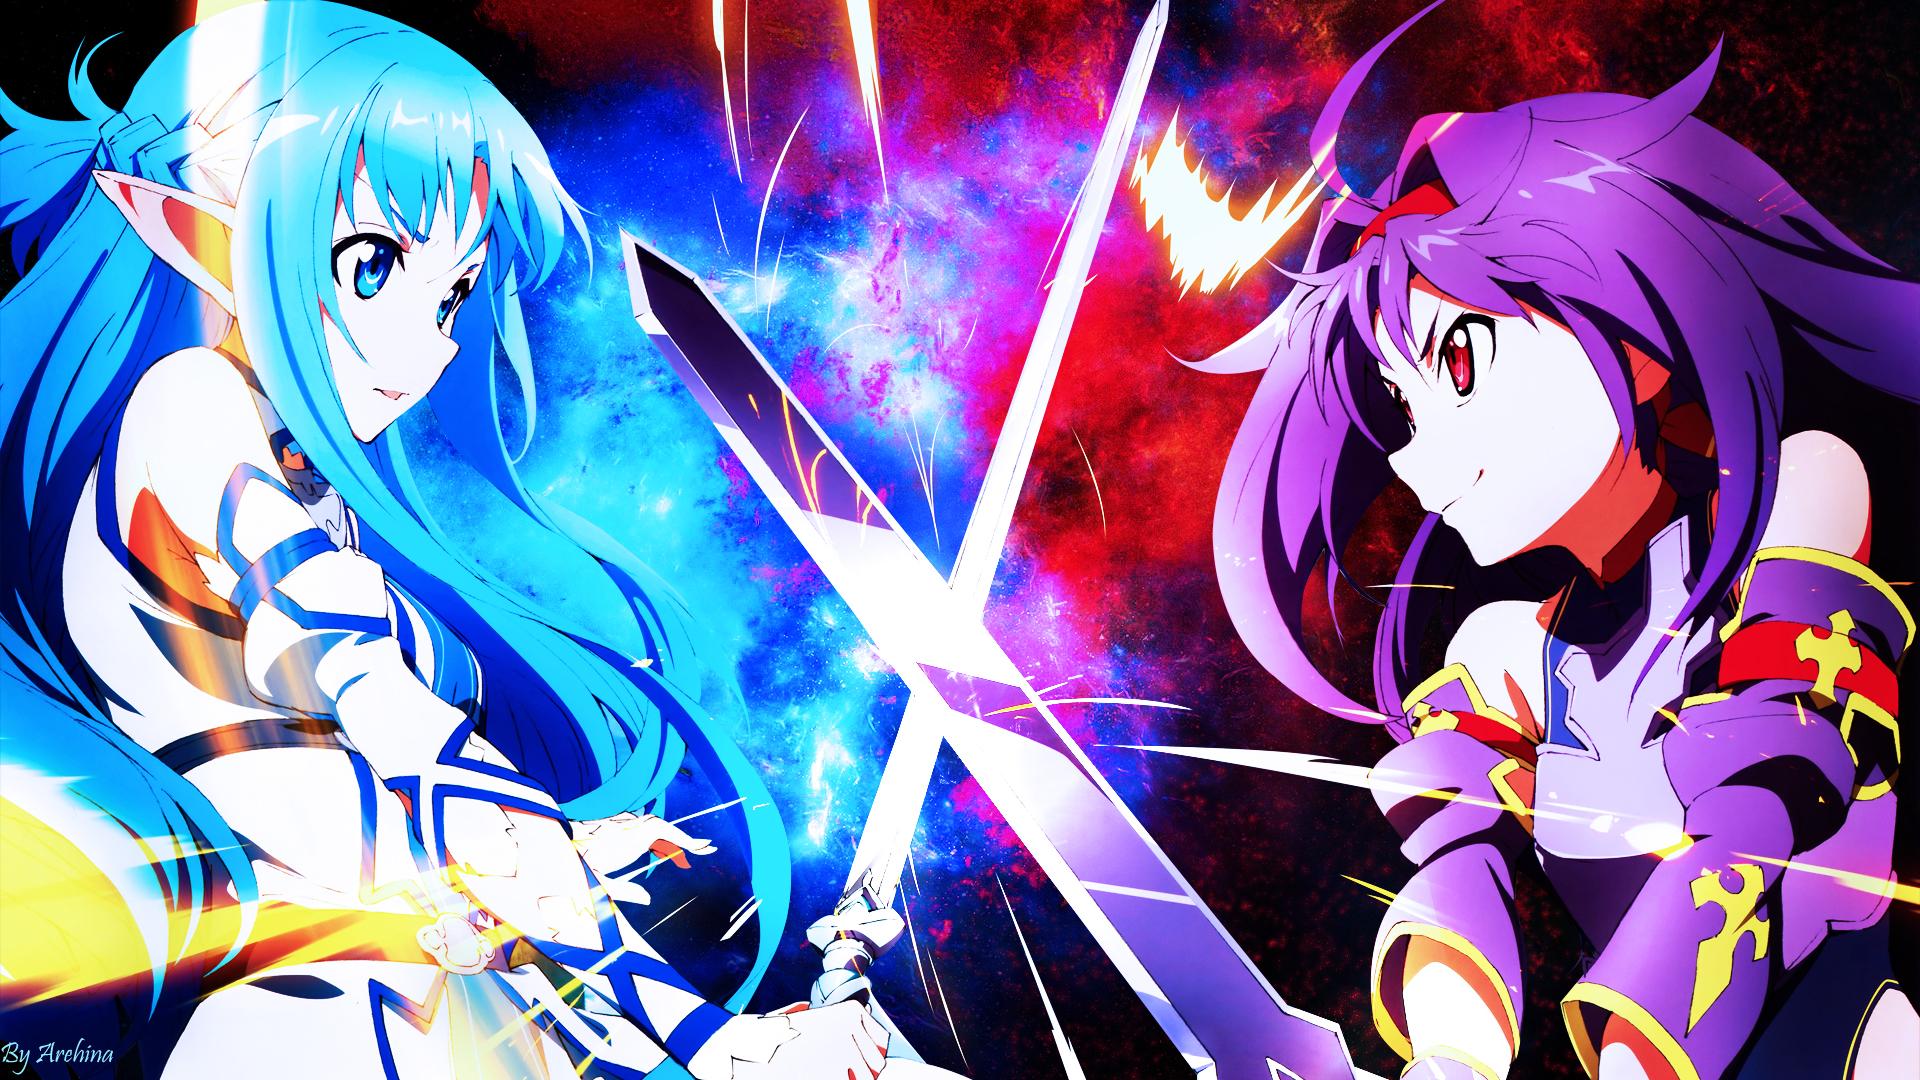 Sword Art Online 2 Hd Images Wallpapers 664 Hd Wallpapers Sword